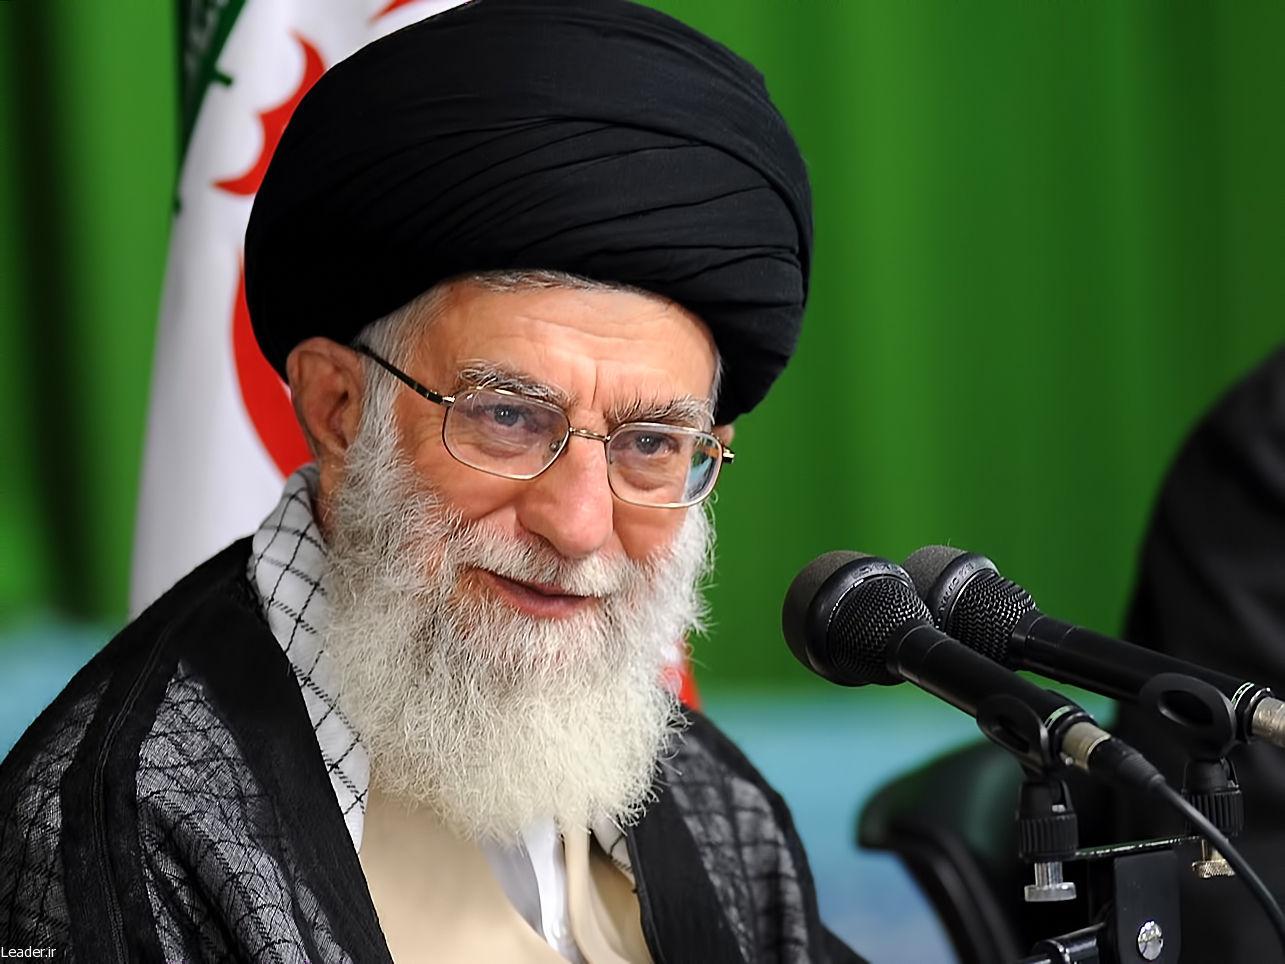 «همه سوگواران حسینی، هیئتها و مداحان موظفاند به هرچه ستاد ملی مبارزه با کرونا اعلام میکند، عمل کنند